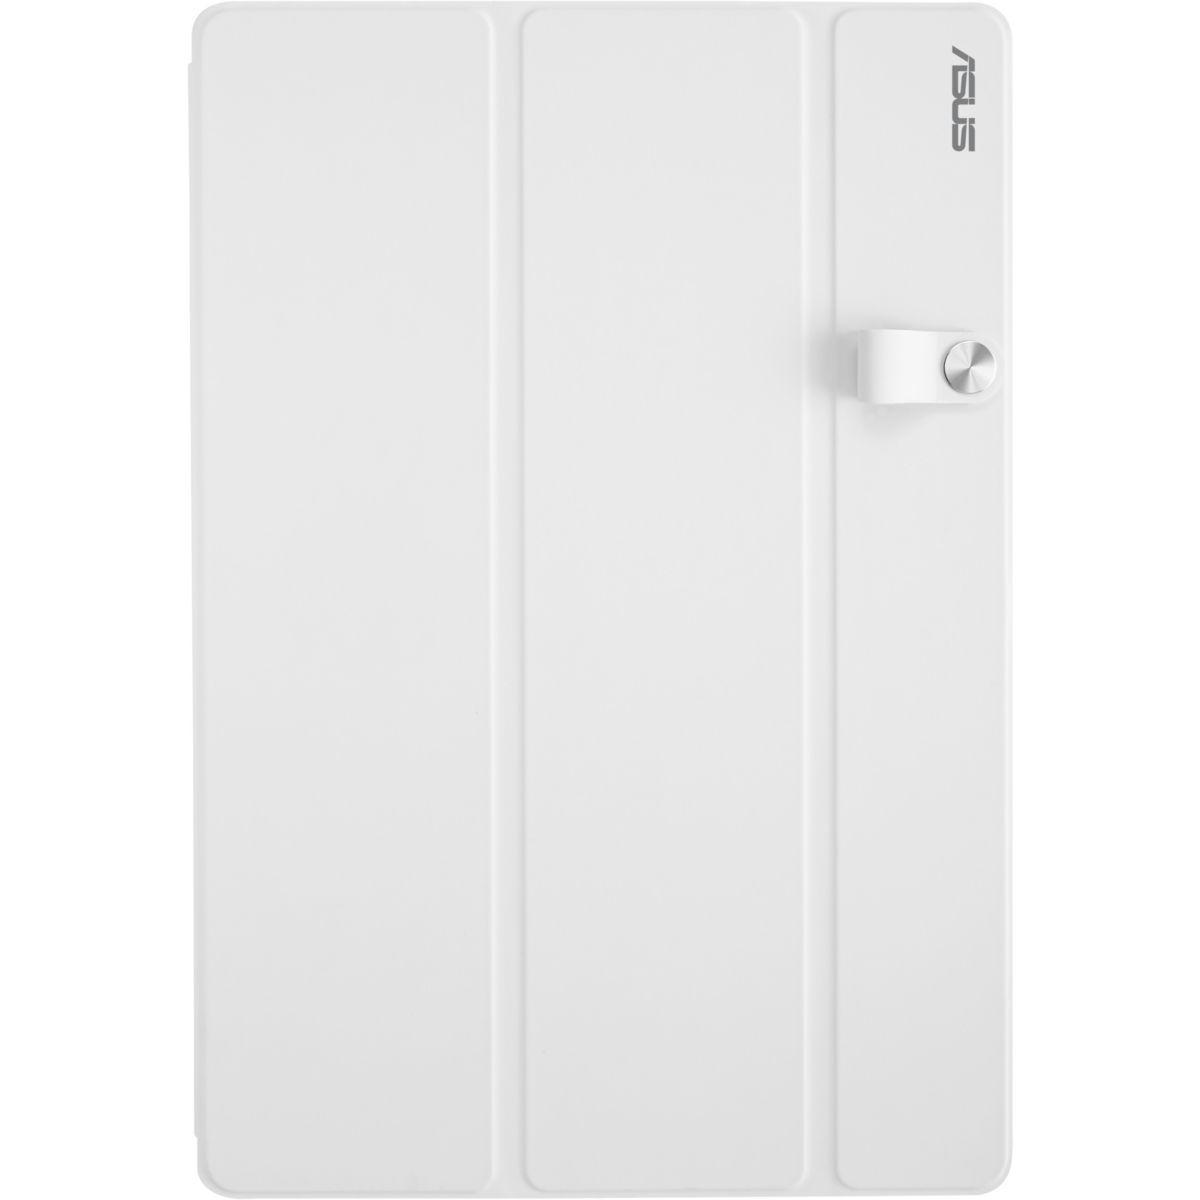 Folio asus zenpad 10 tricover blanc - 20% de remise immédiate avec le code : multi20 (photo)